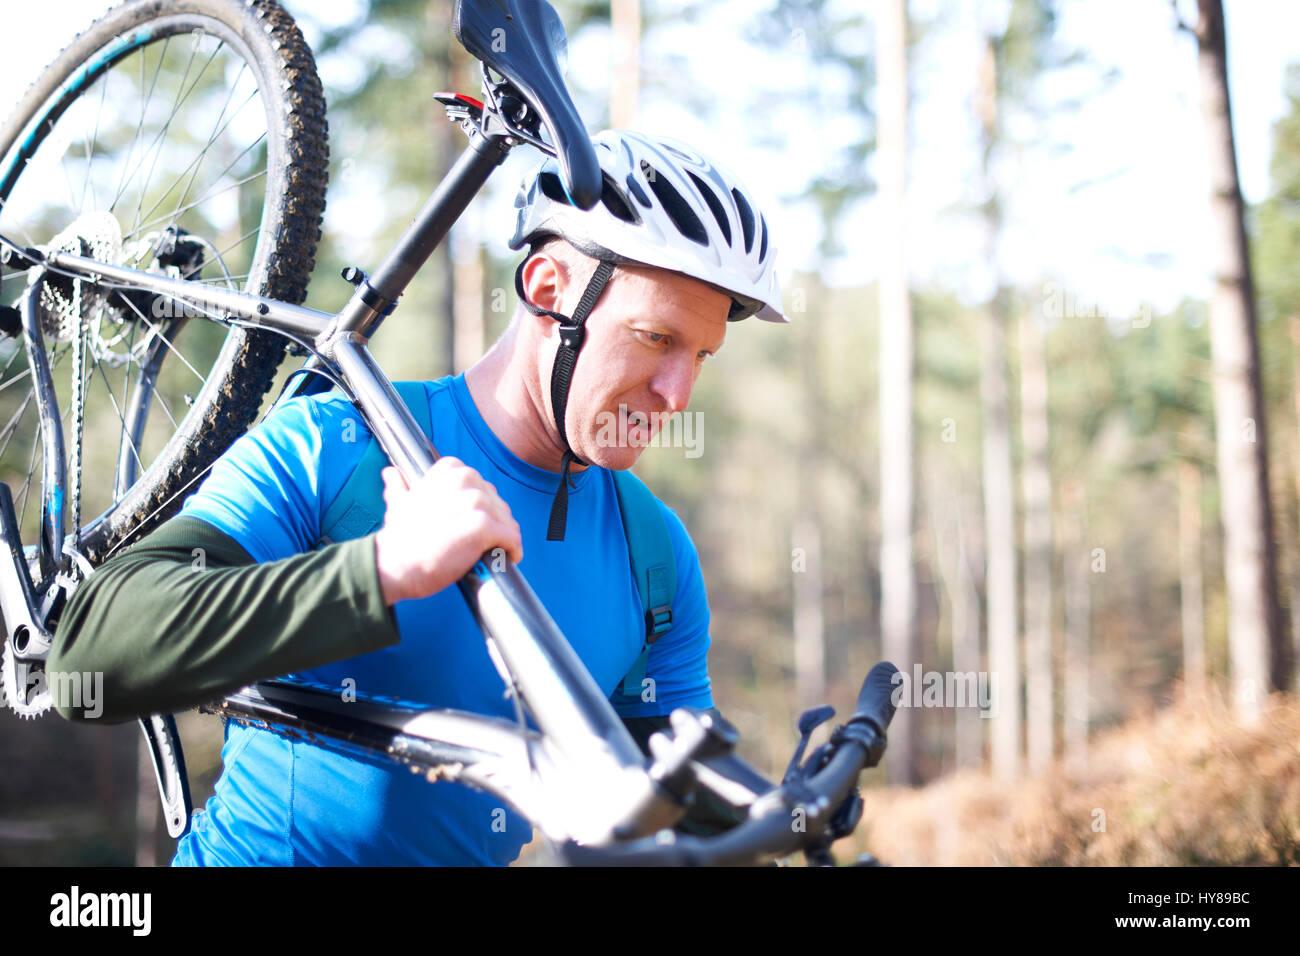 Un uomo porta la sua mountain bike nei boschi Immagini Stock